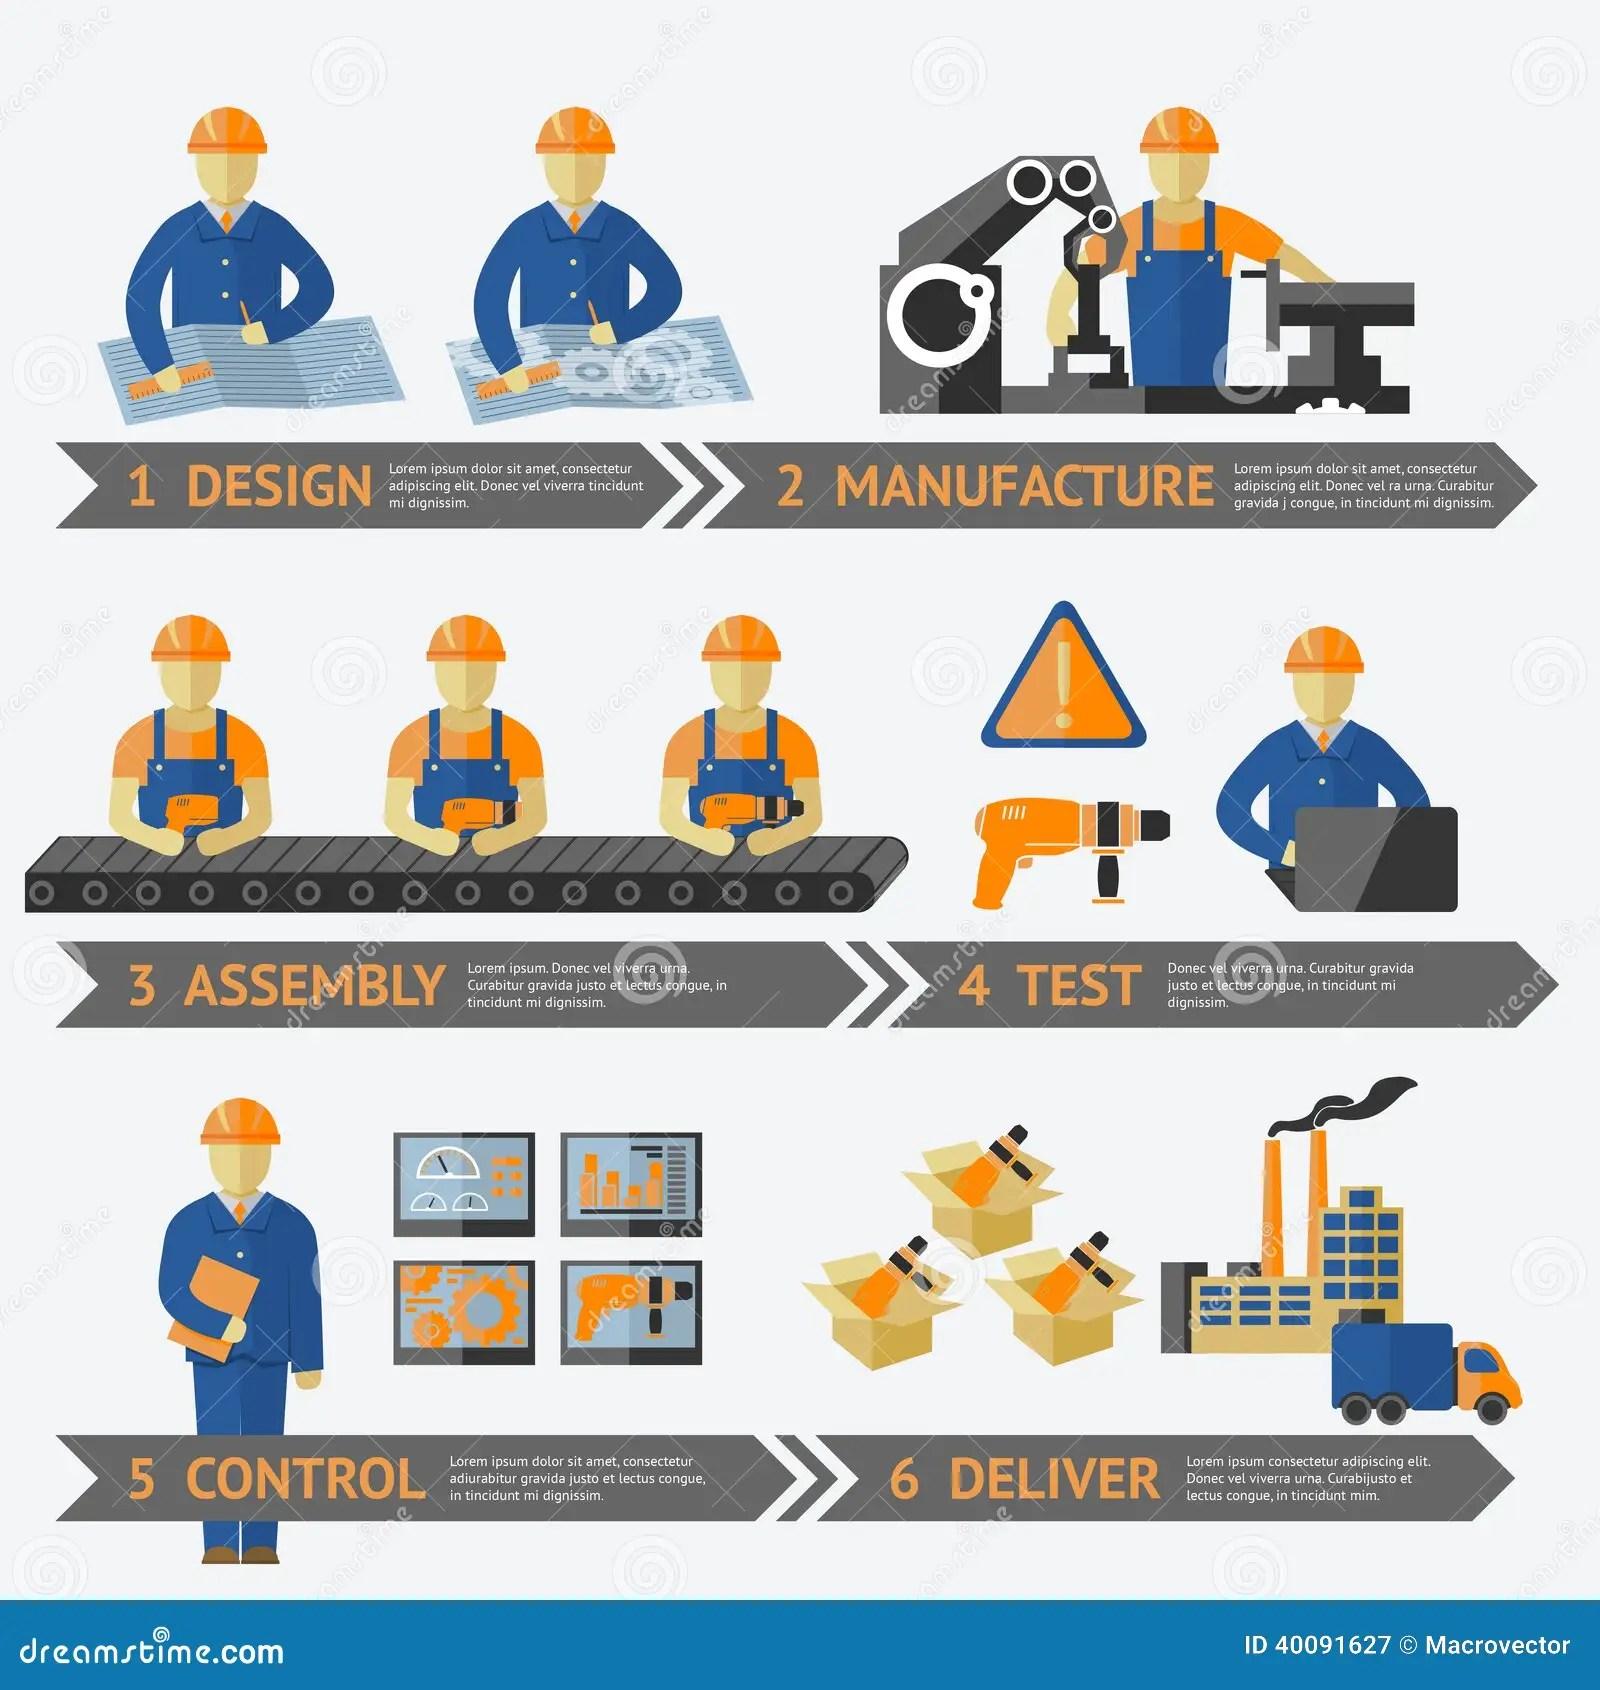 Jam Production Process Flow Diagram For